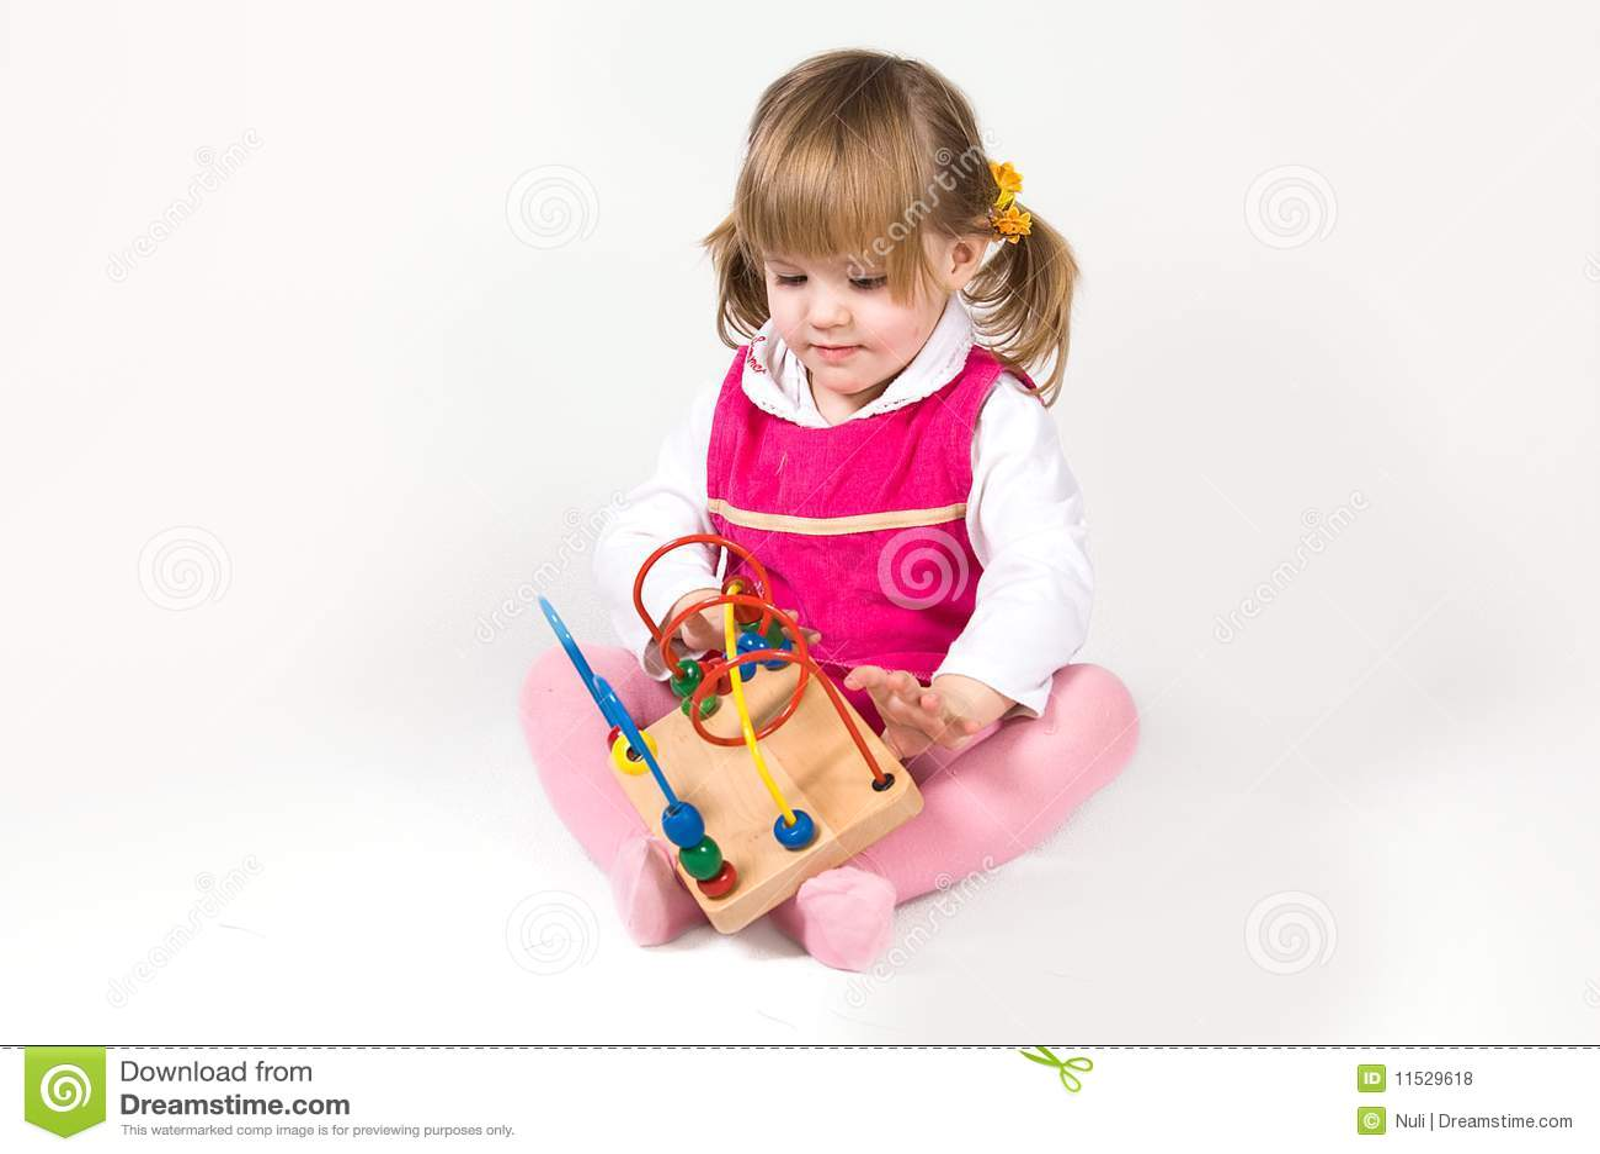 Little Girl Toys : Little girl toys sex porn images